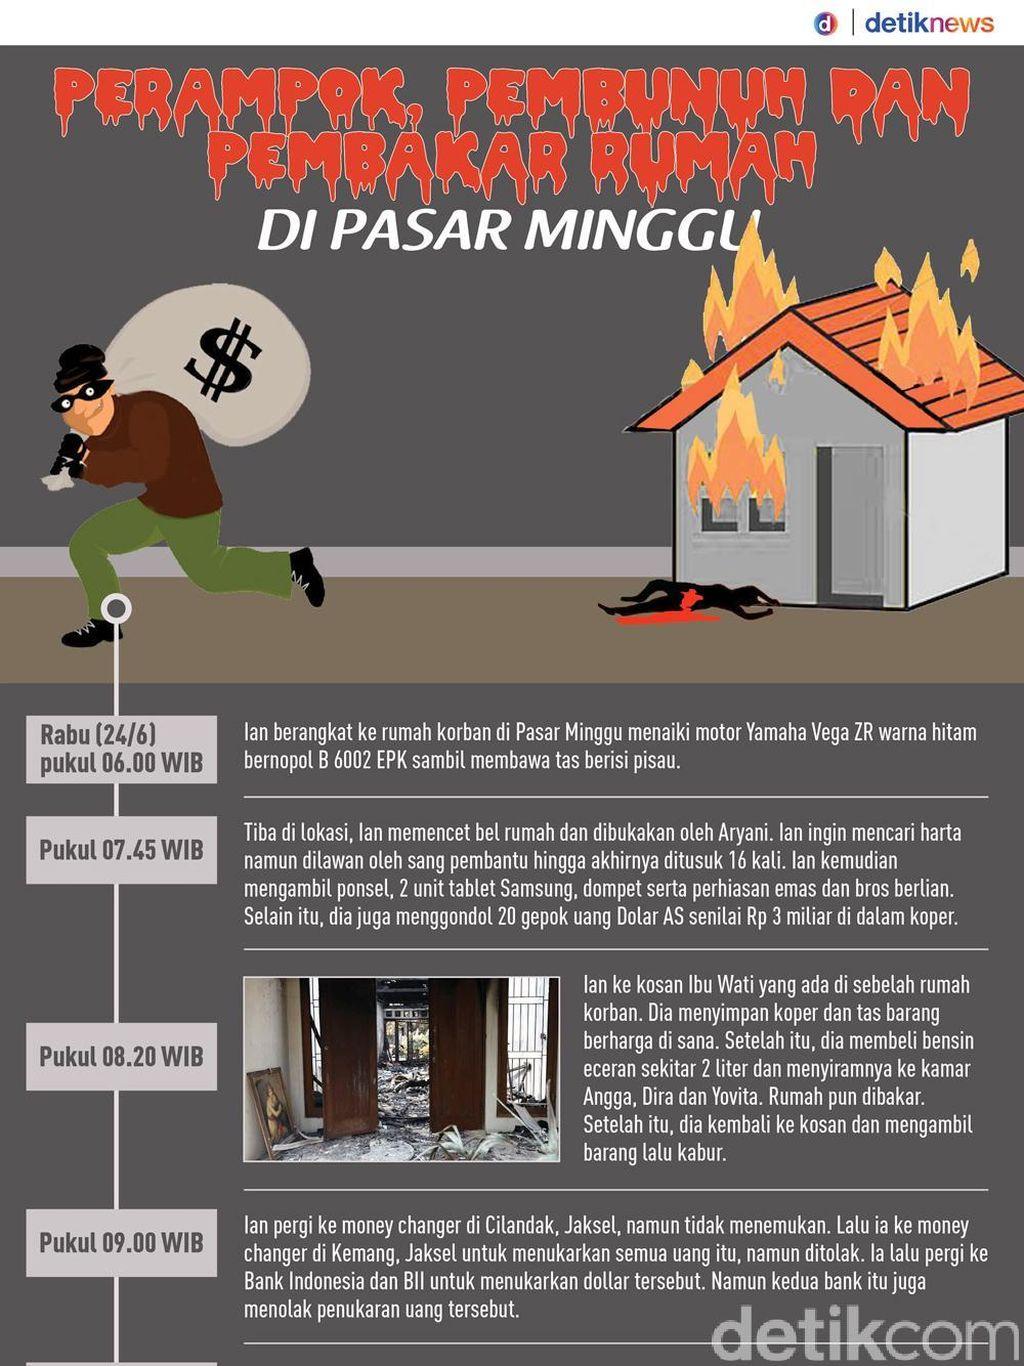 Ian Pembunuh, Perampok dan Pembakar Rumah di Pasar Minggu